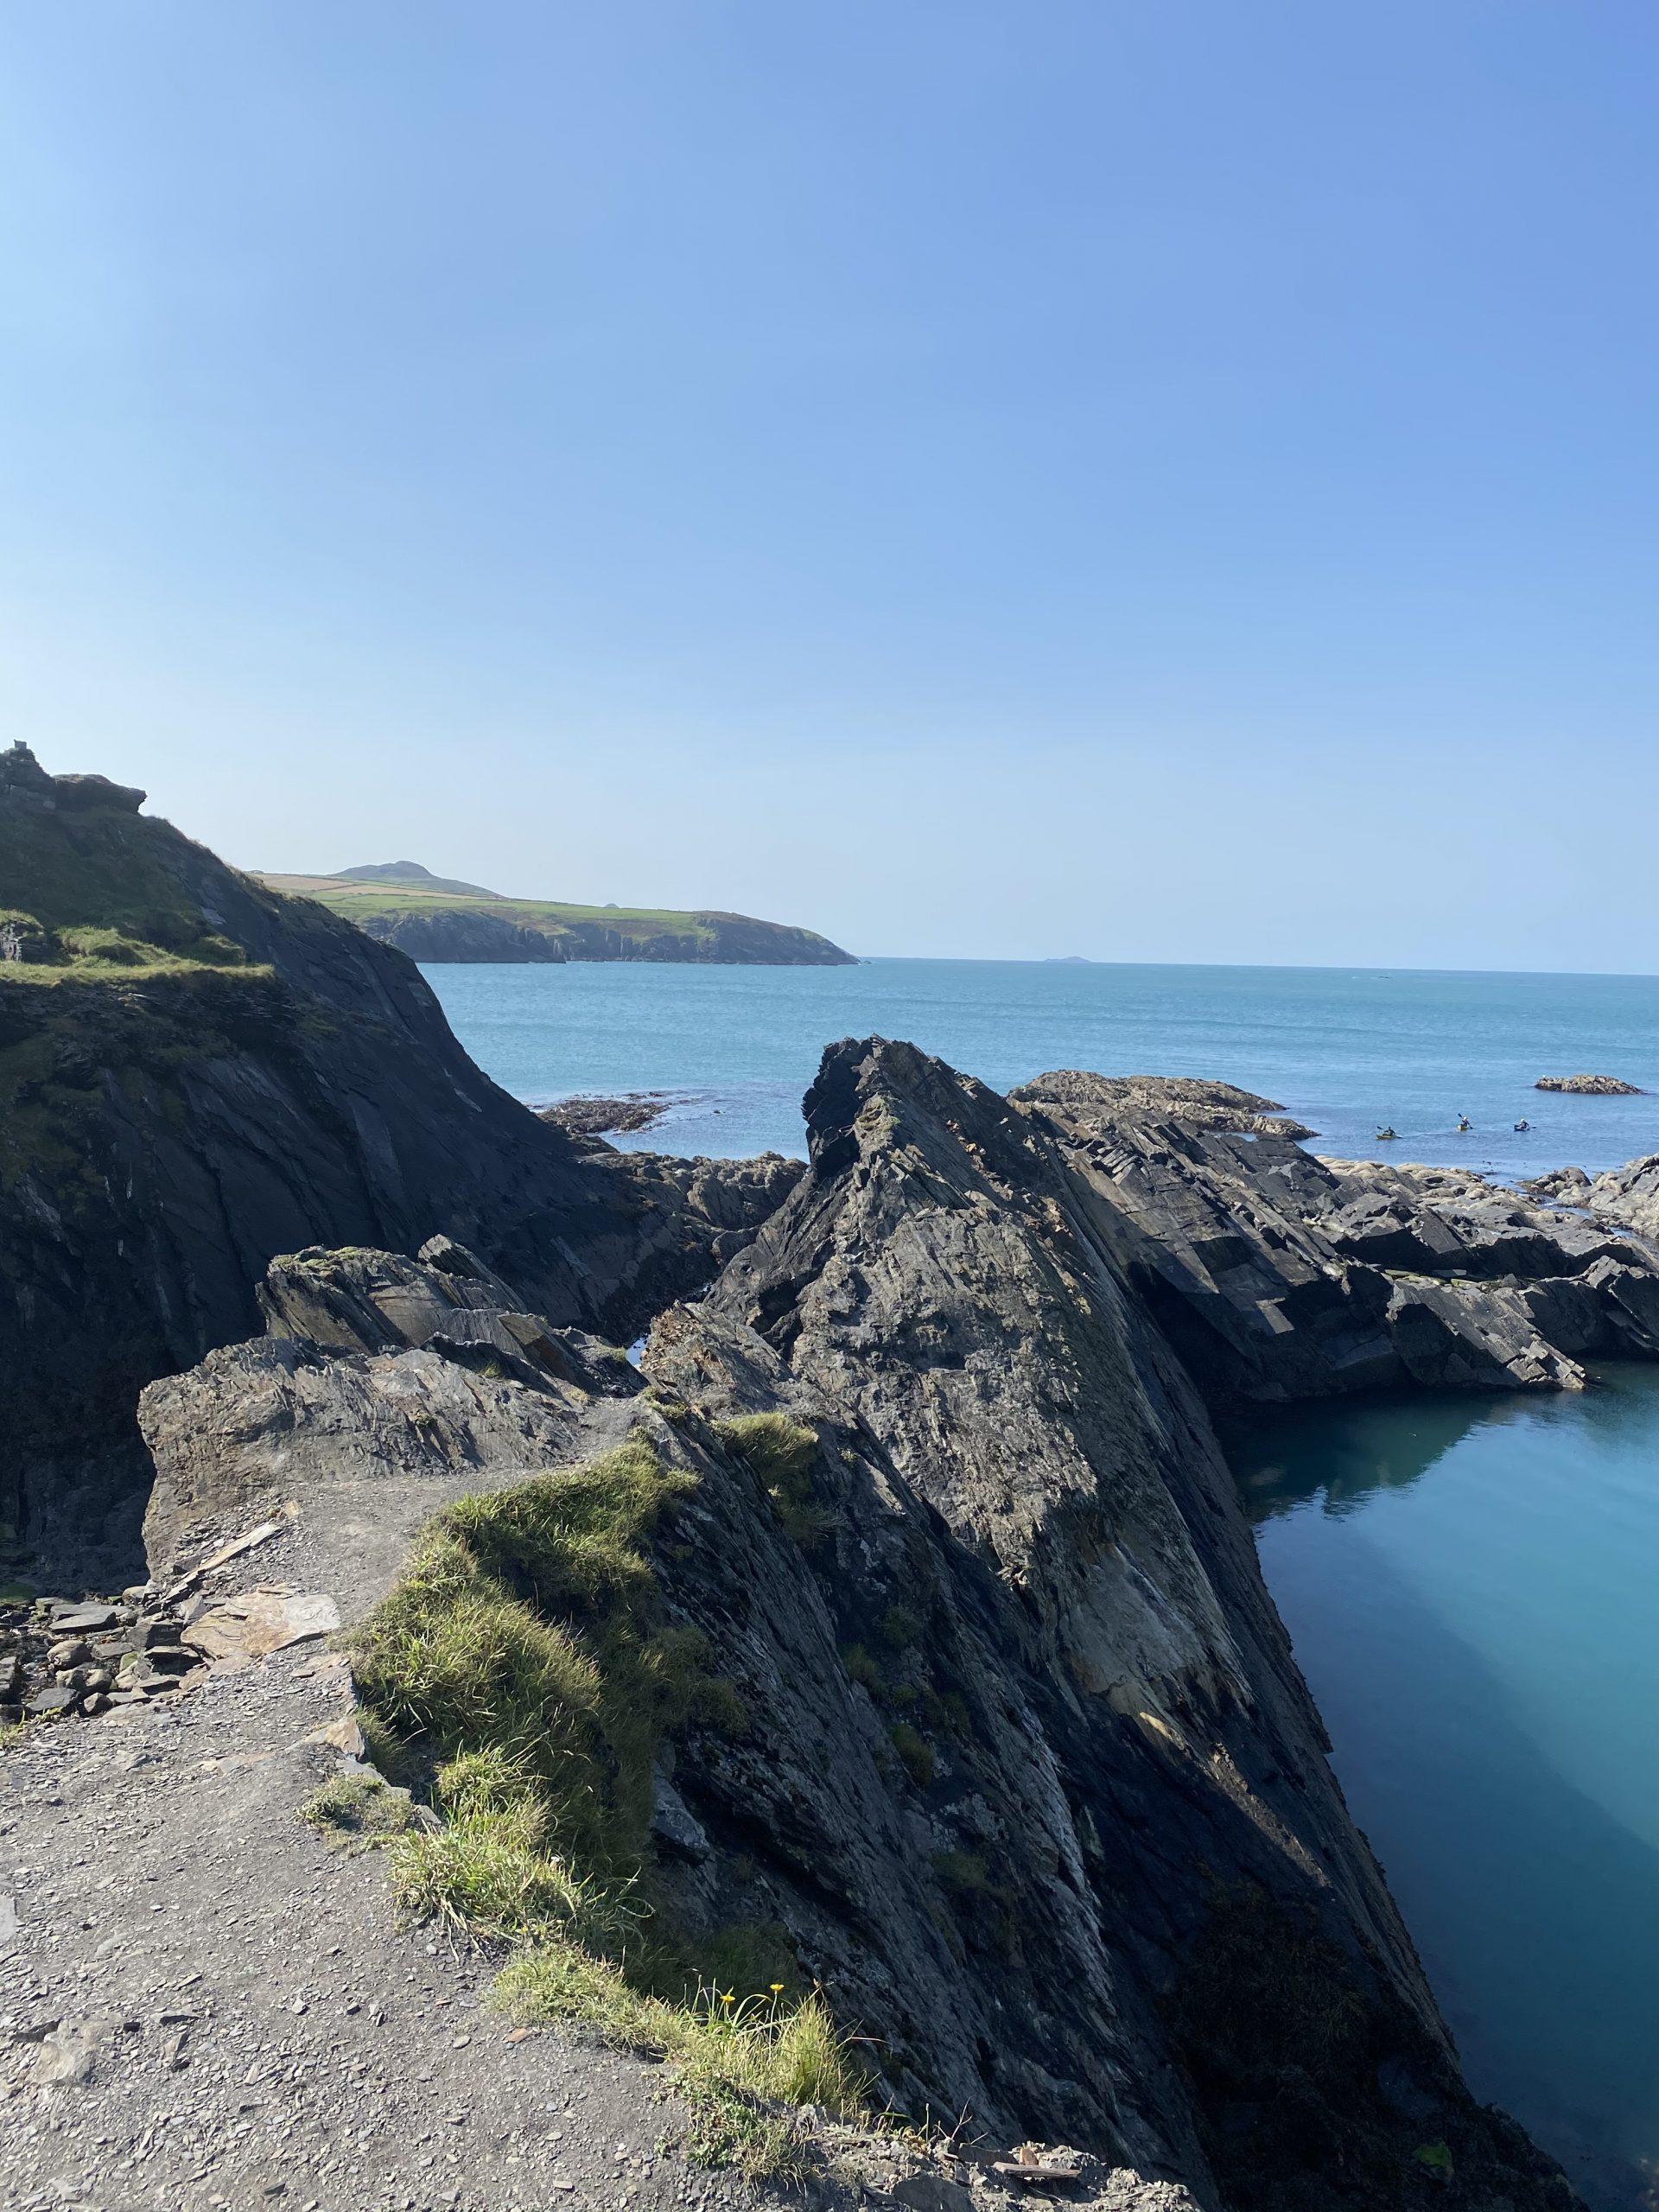 The Blue Lagoon viewpoint